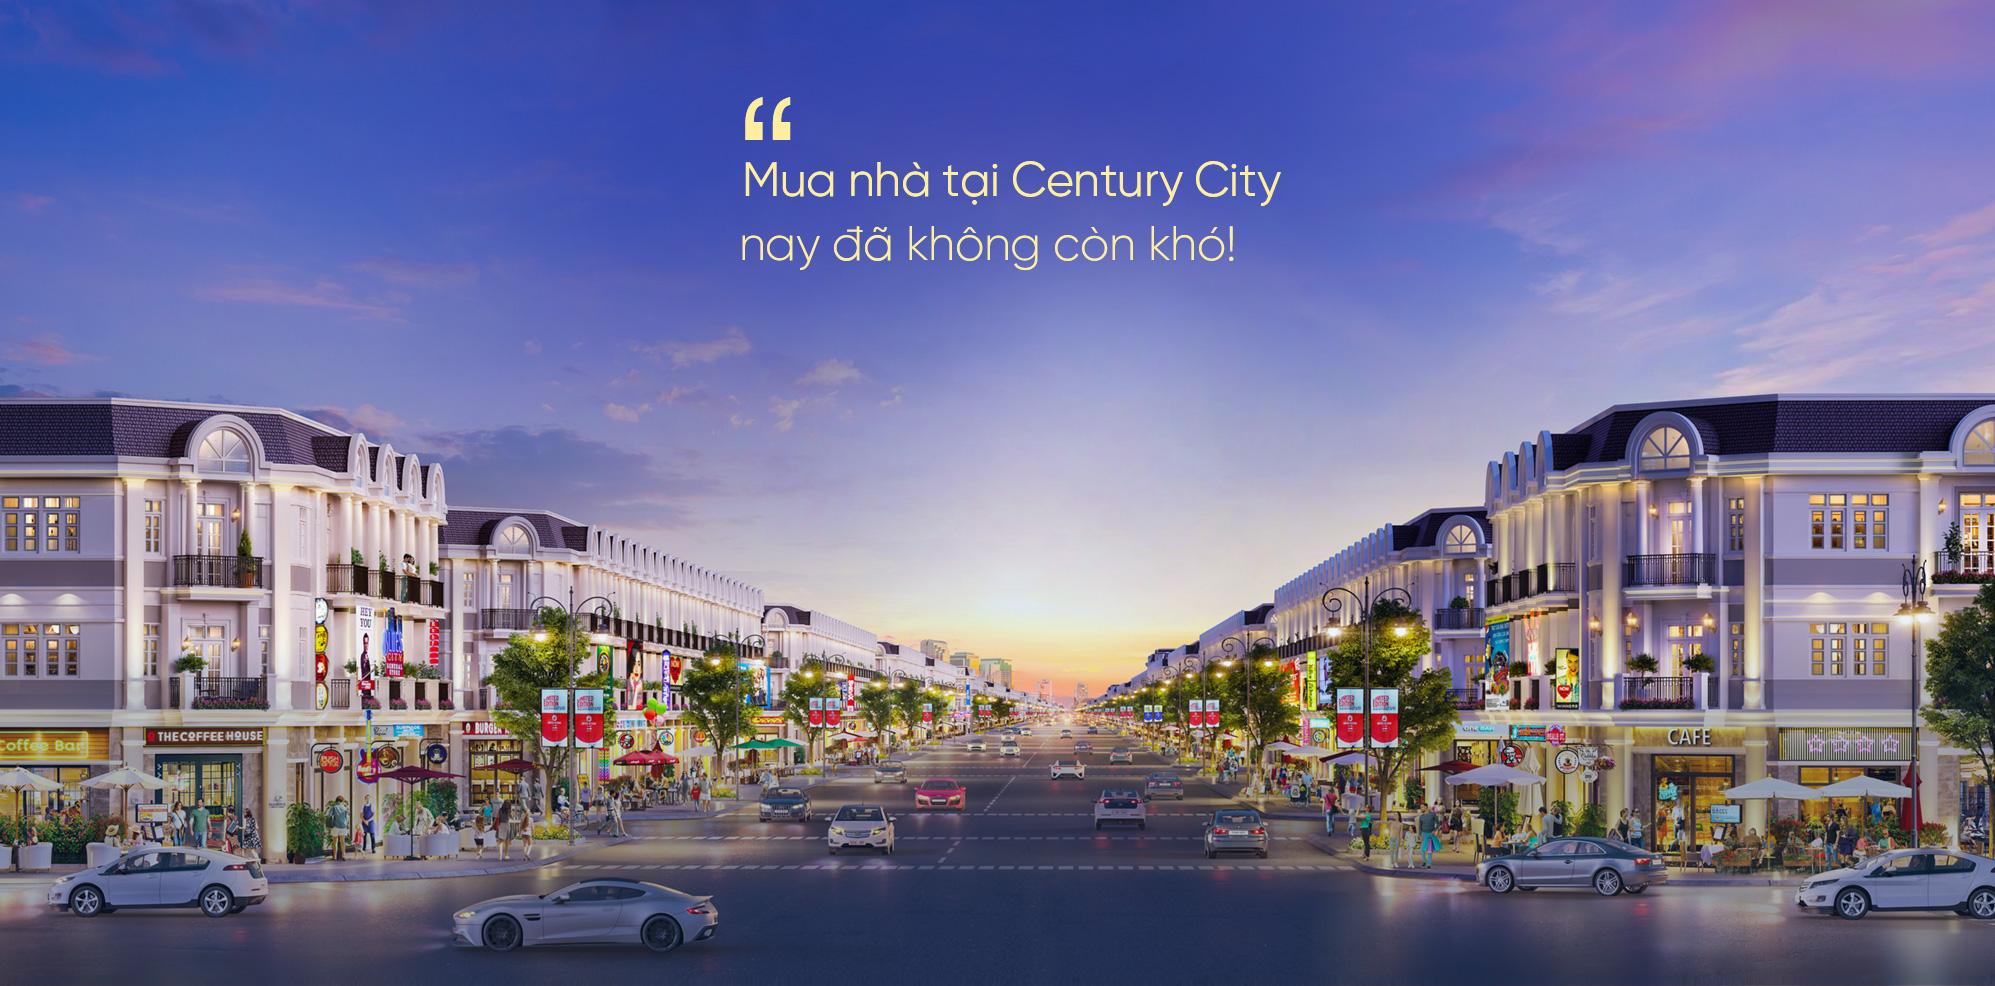 """Century City: Khám phá sức hấp dẫn đến từ biểu tượng sôi động khu vực trung tâm """"thành phố sân bay"""" - Ảnh 9."""